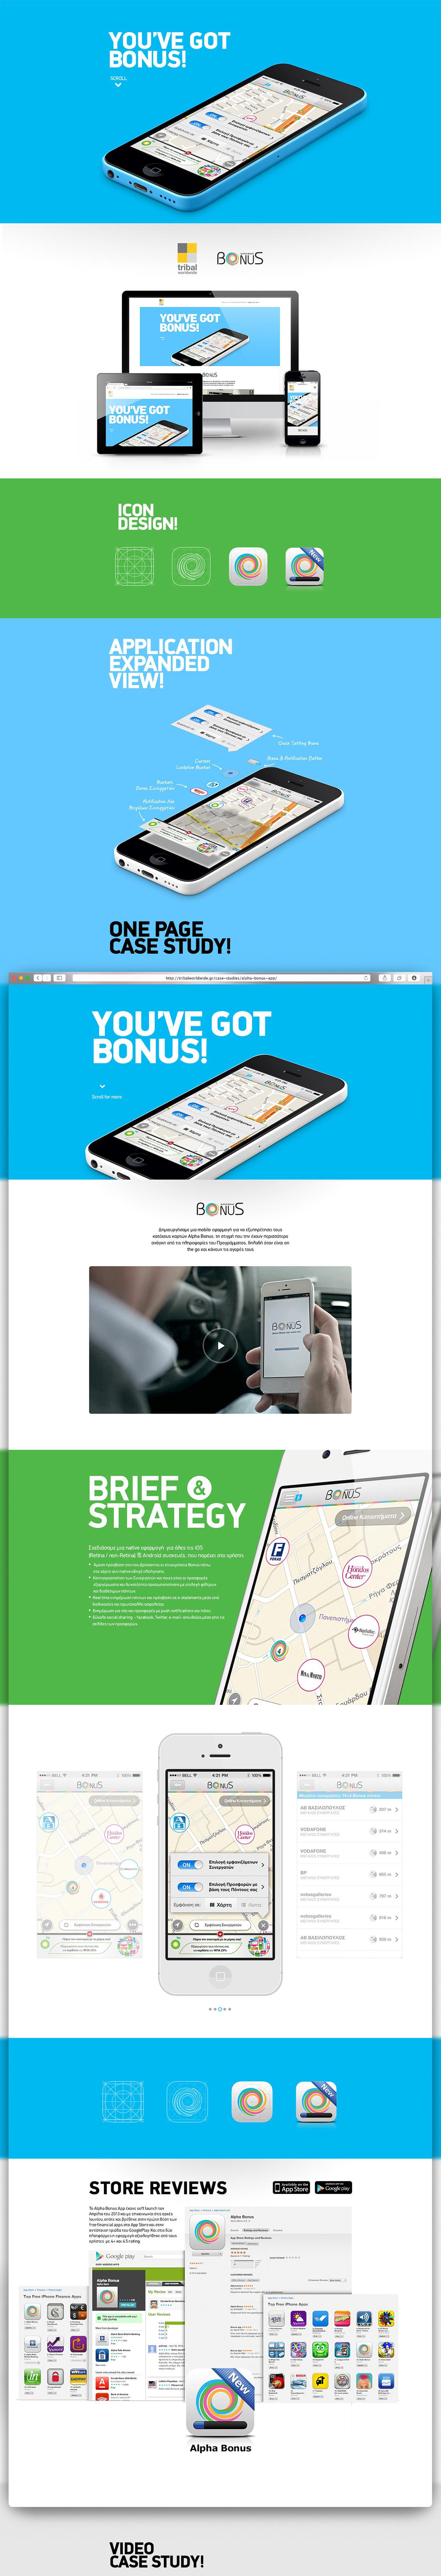 Bonus mobile app case study page design on pantone - Bonus mobile ...